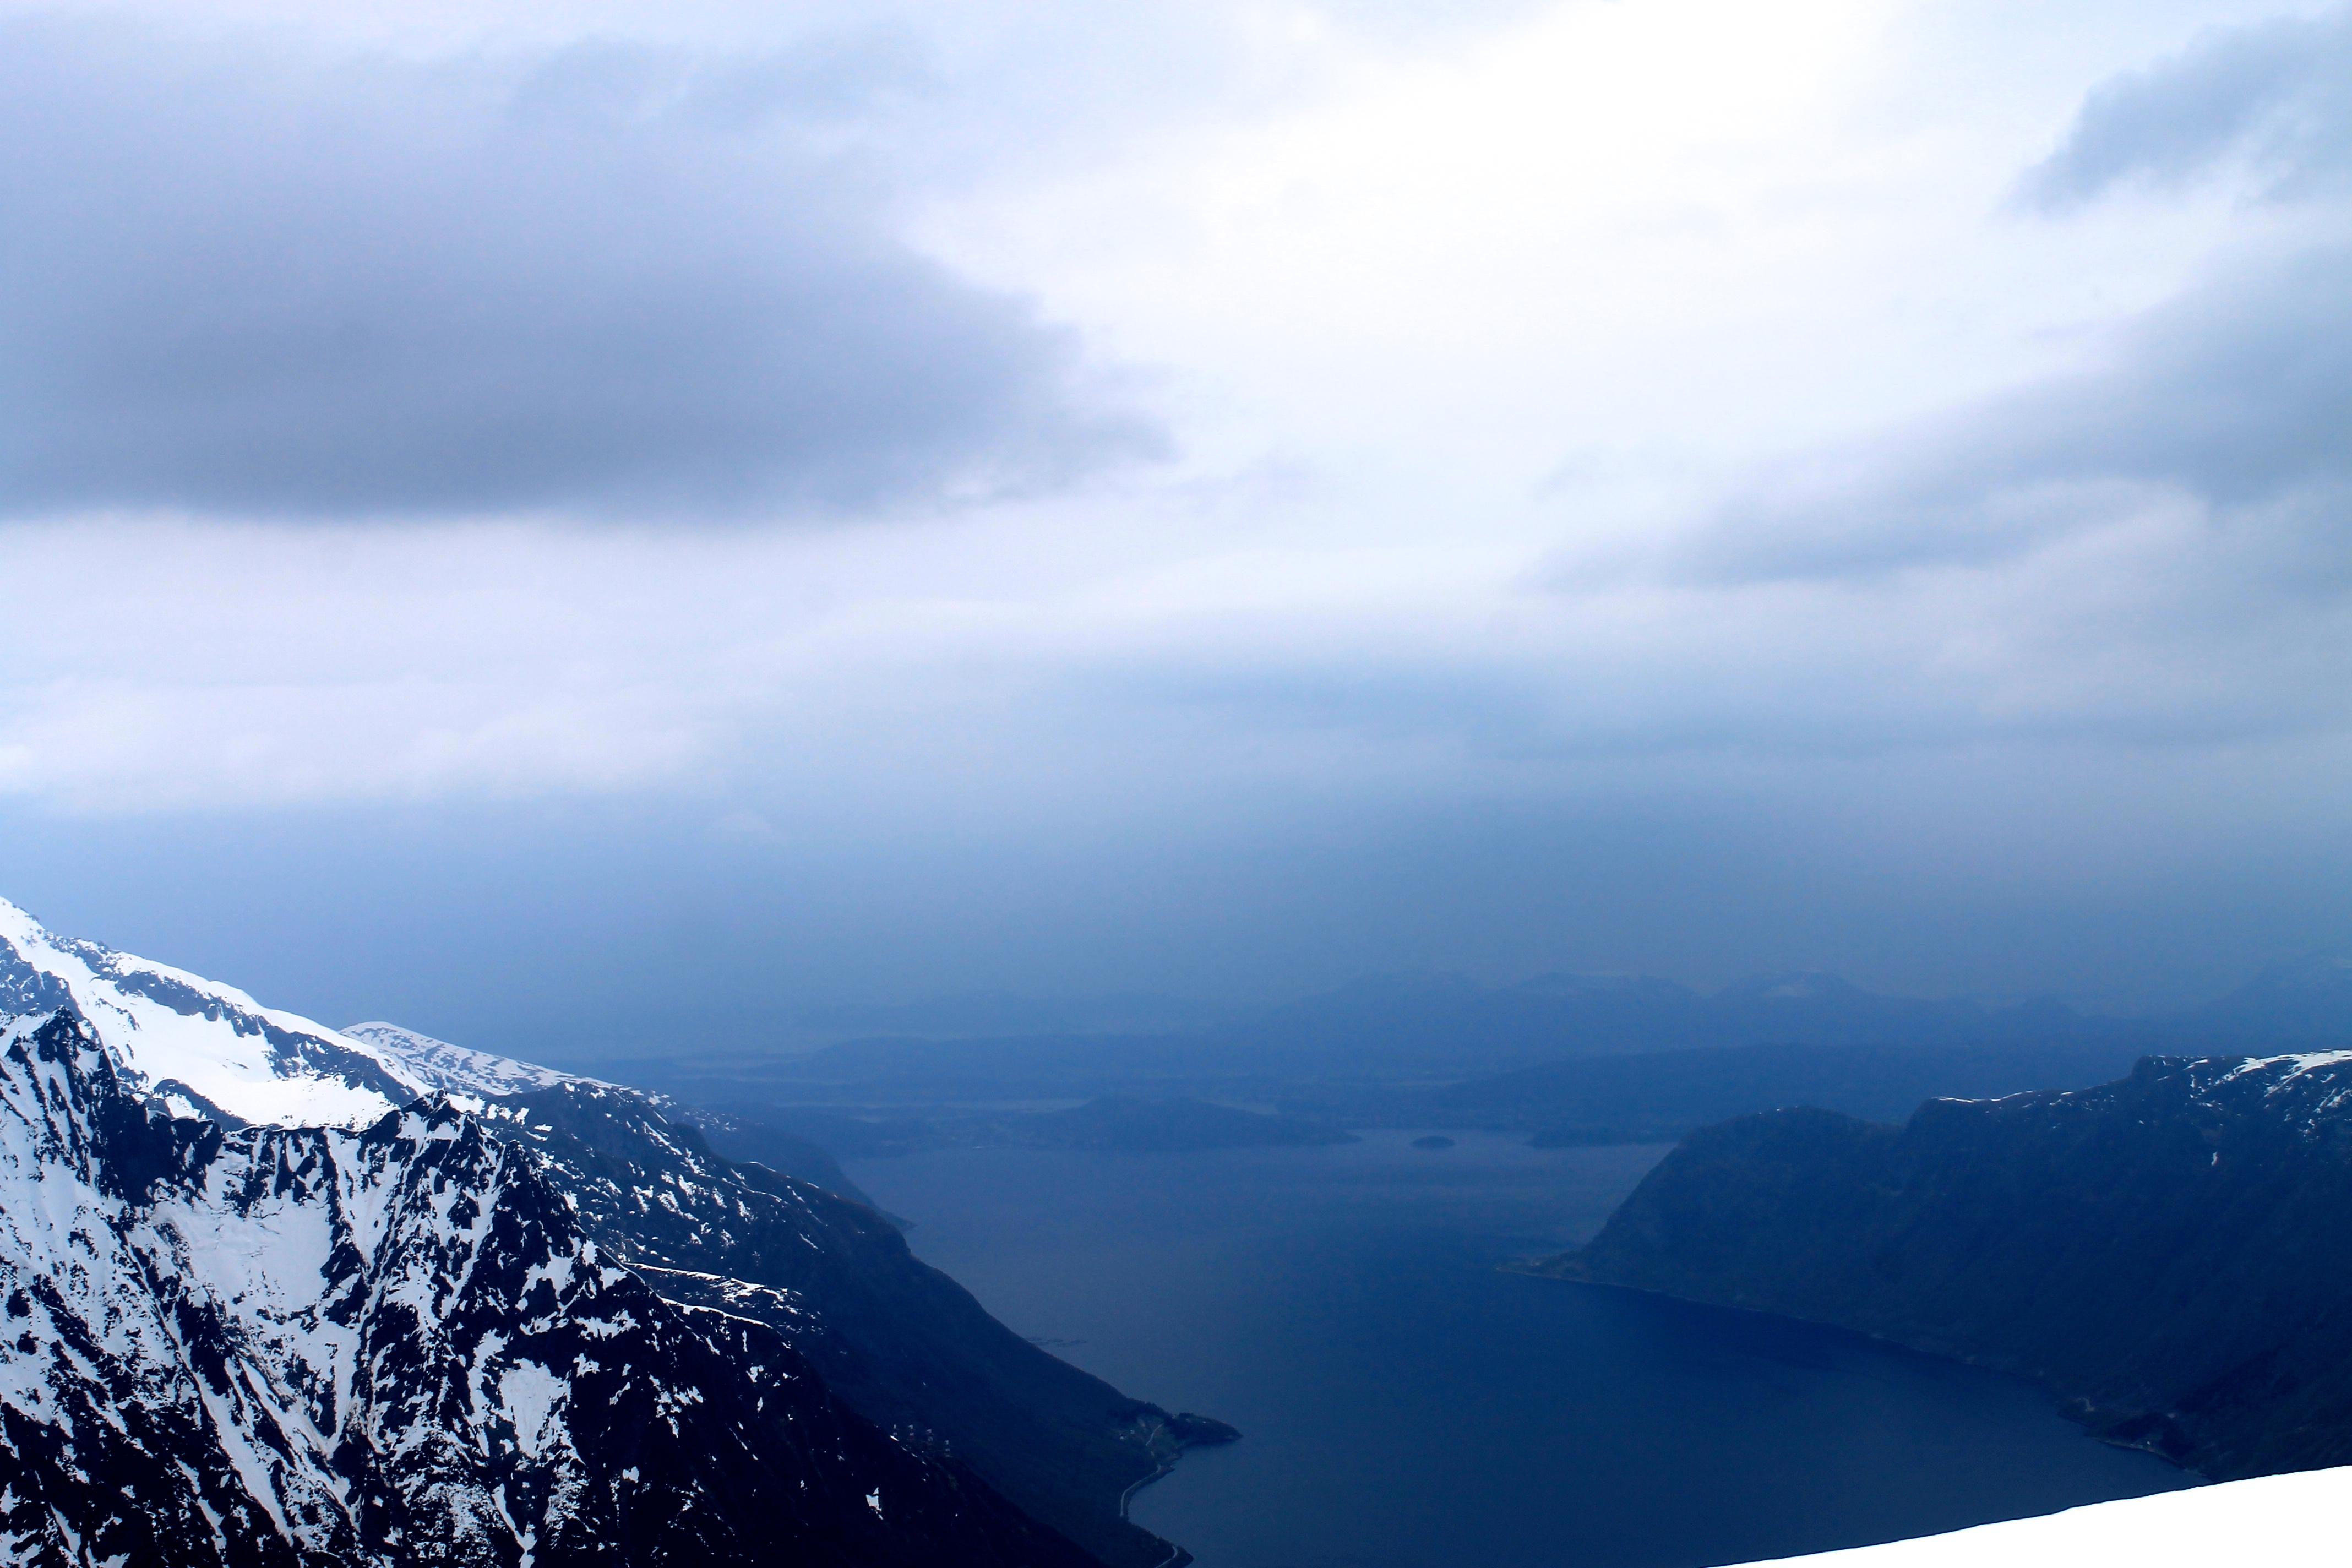 På klare dager er det utsikt mot Storfjorden, Ålesund og havet.